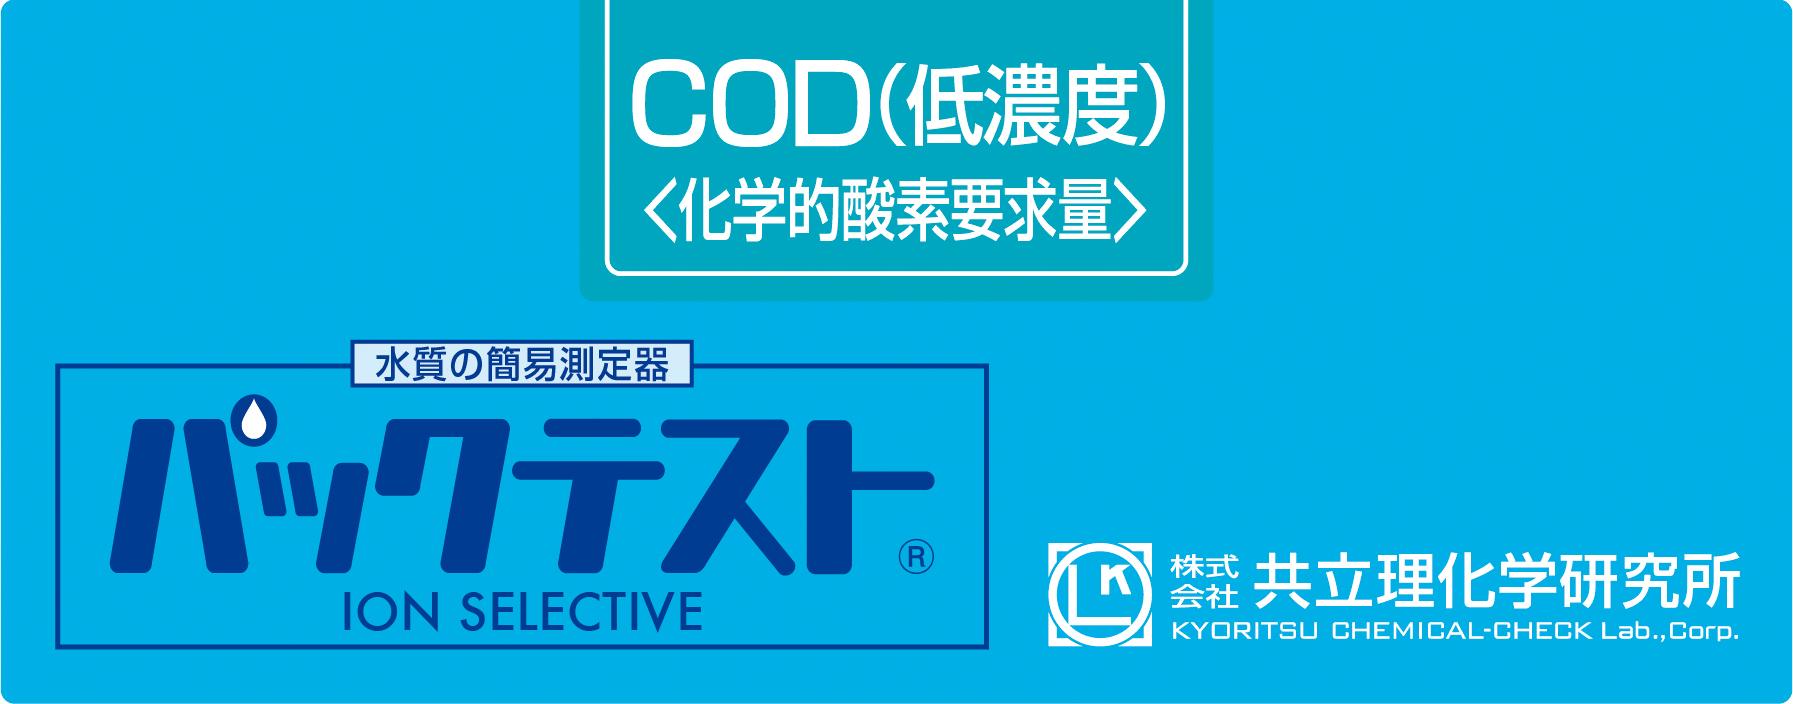 パックテスト COD(低濃度)